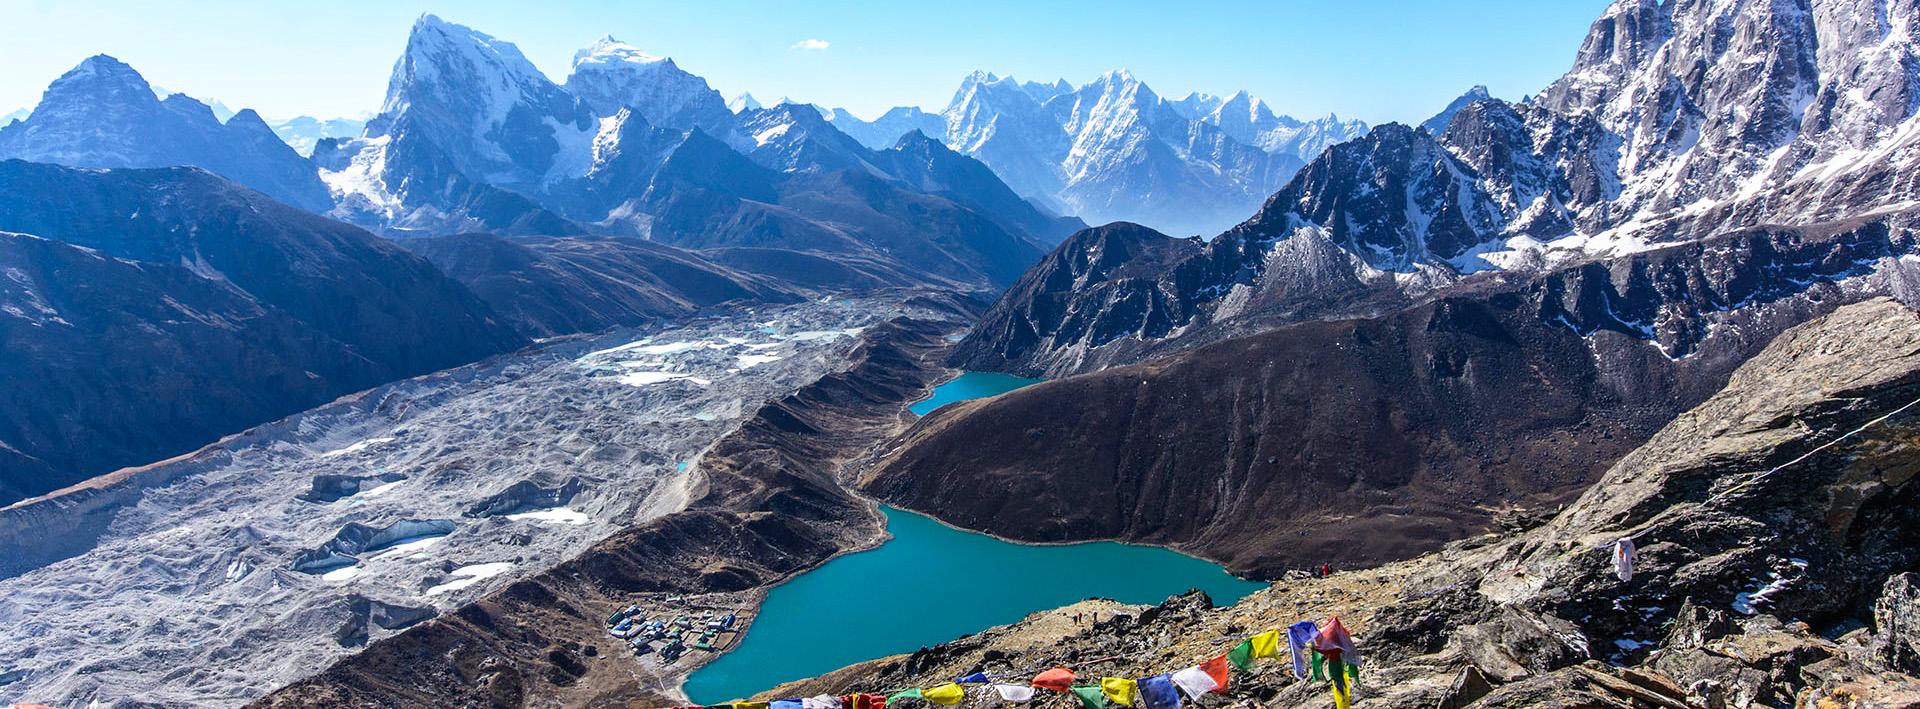 Базовый лагерь Эвереста через озера Гокио от Луклы